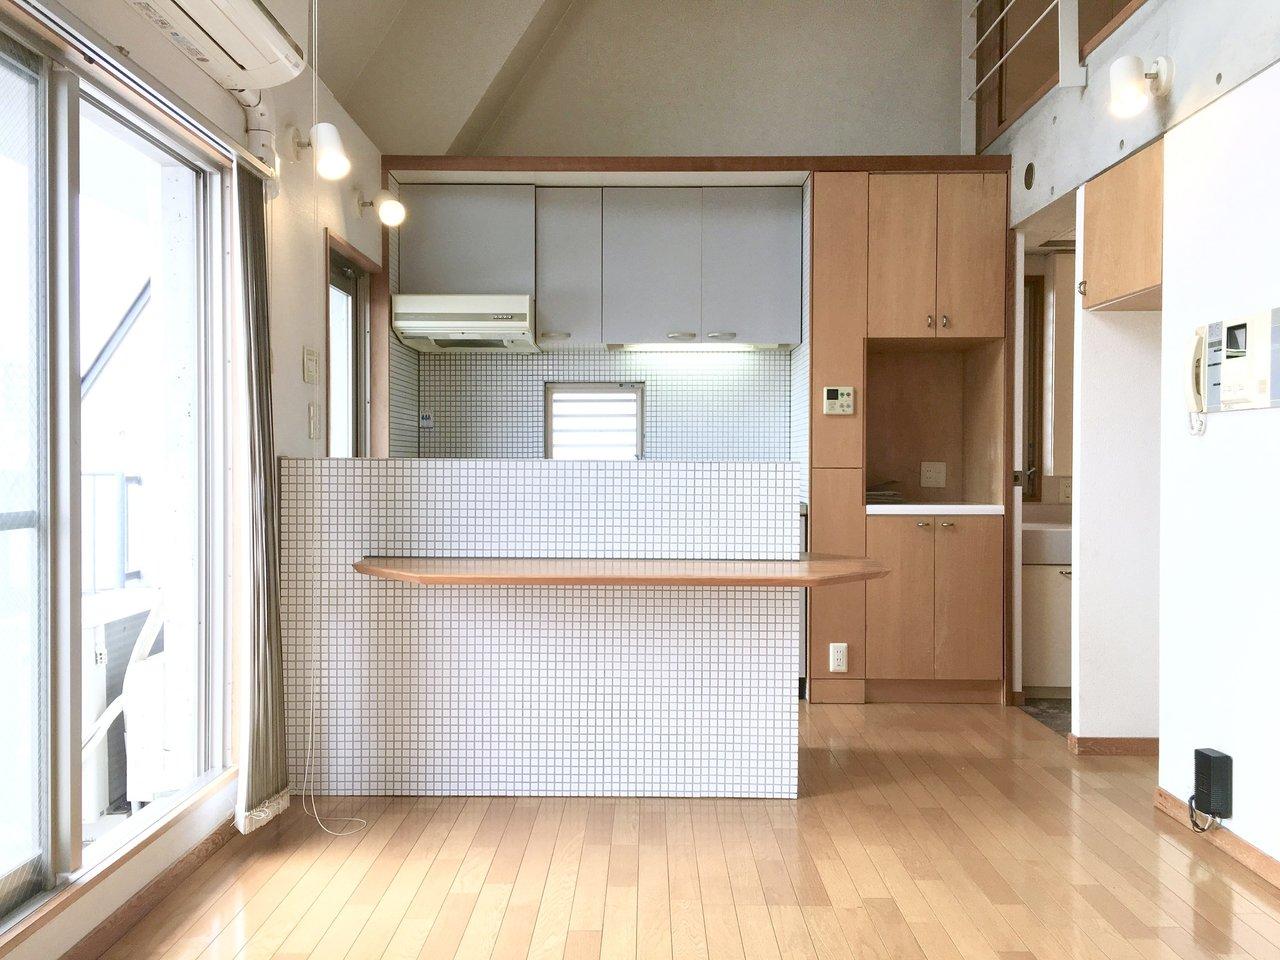 大阪のベッドタウン「豊中」で見つけた、40㎡以上のおしゃれなお部屋まとめ